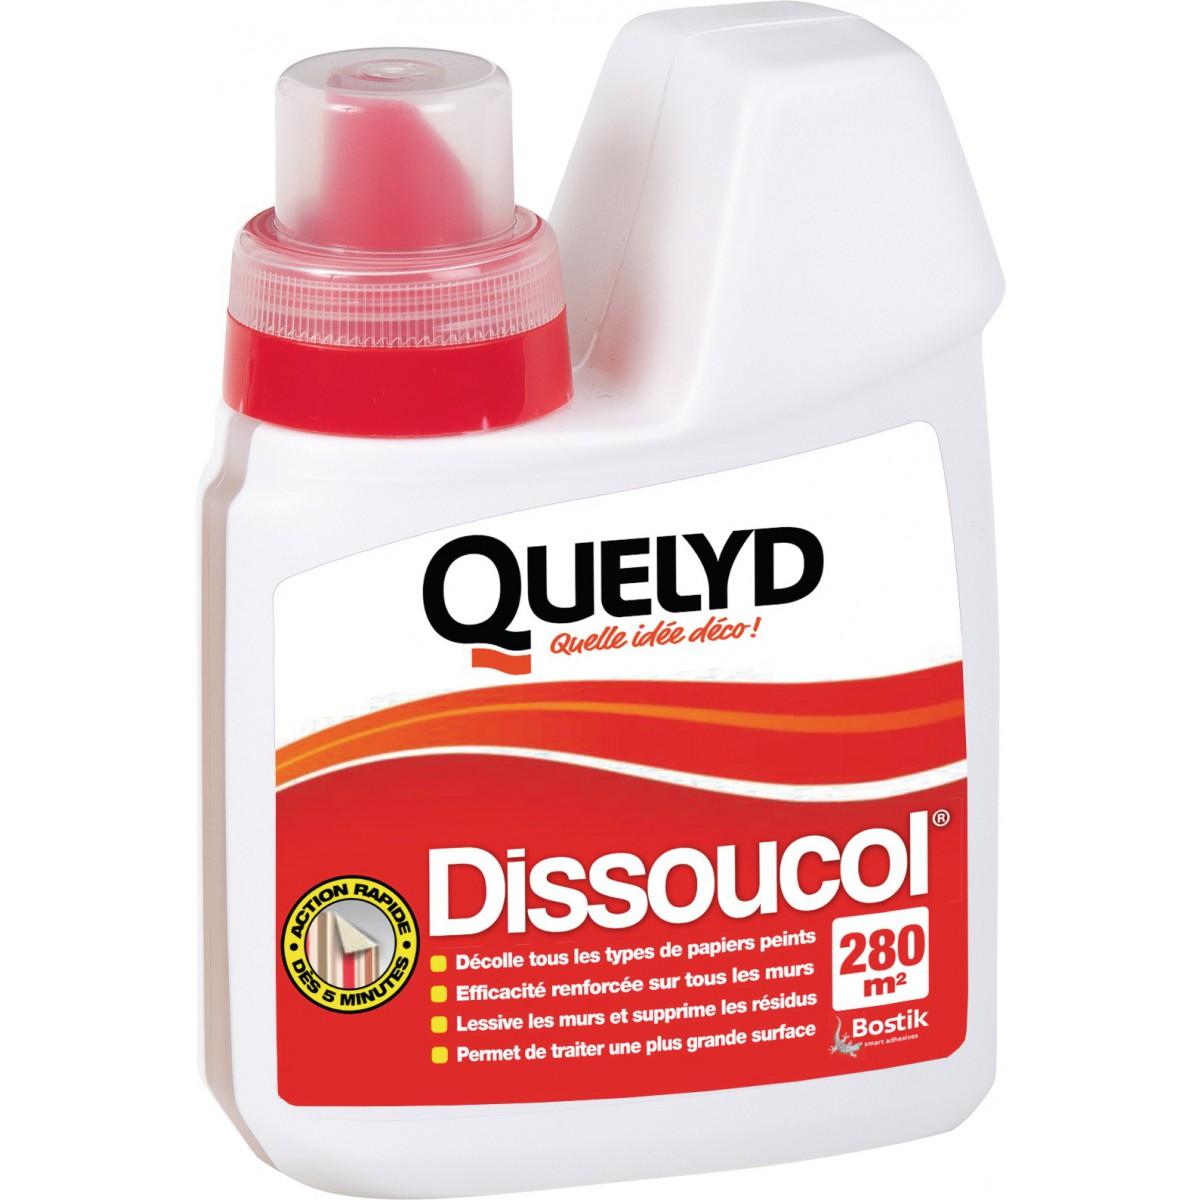 Dissoucol® liquide papier peint Quelyd - Bidon 500 ml